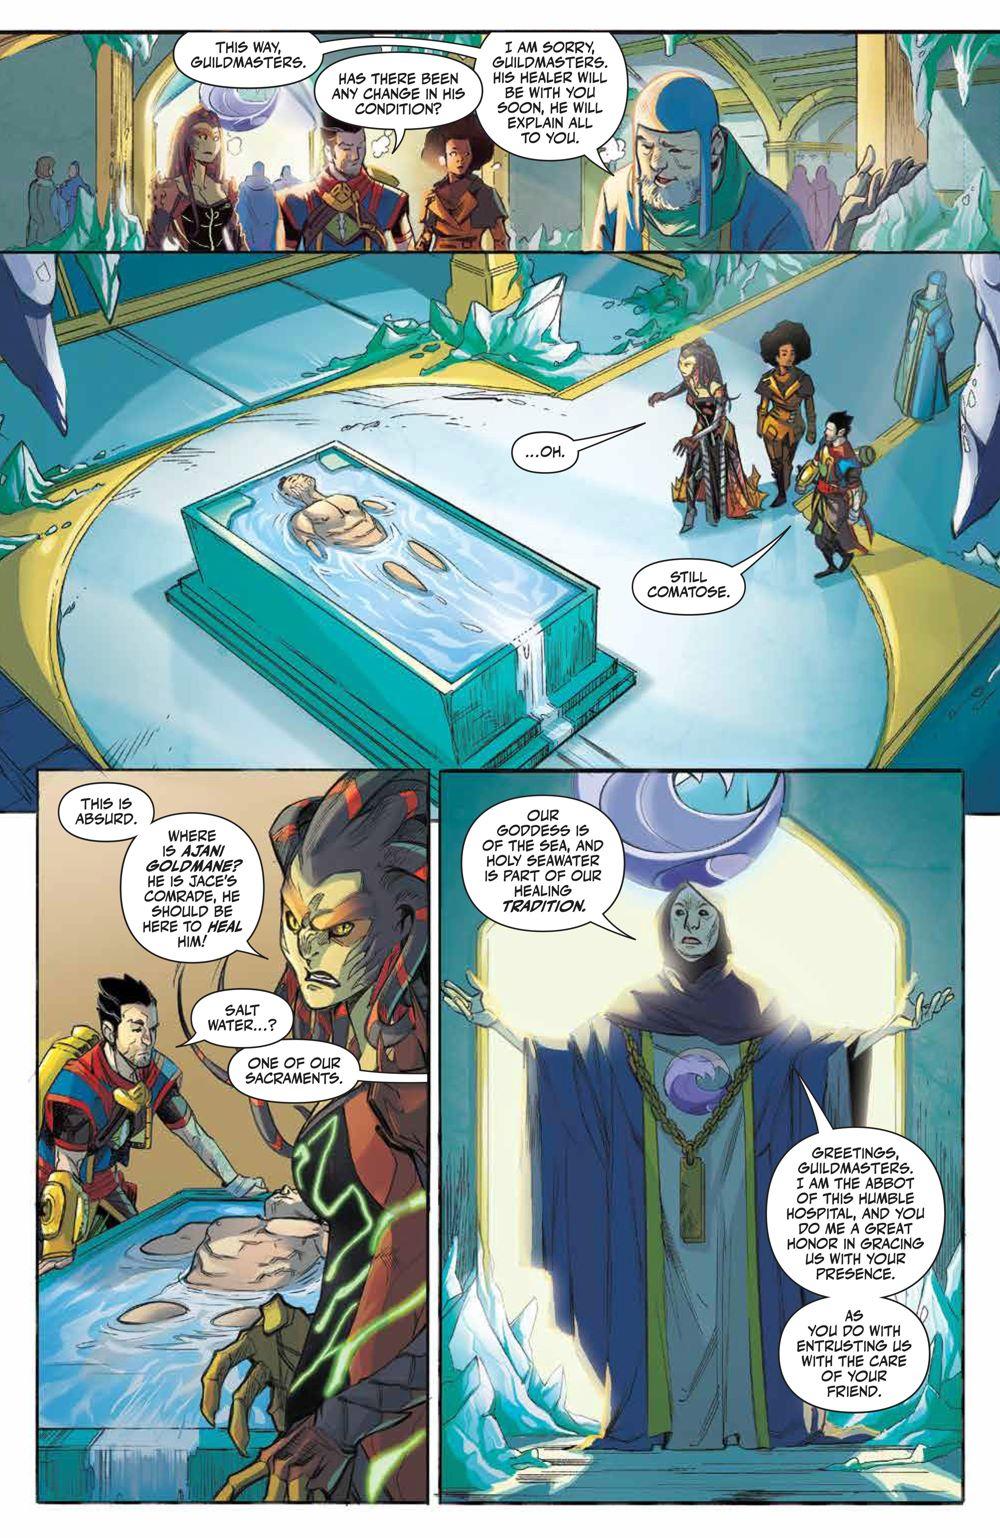 Magic_002_PRESS_7 ComicList Previews: MAGIC #2